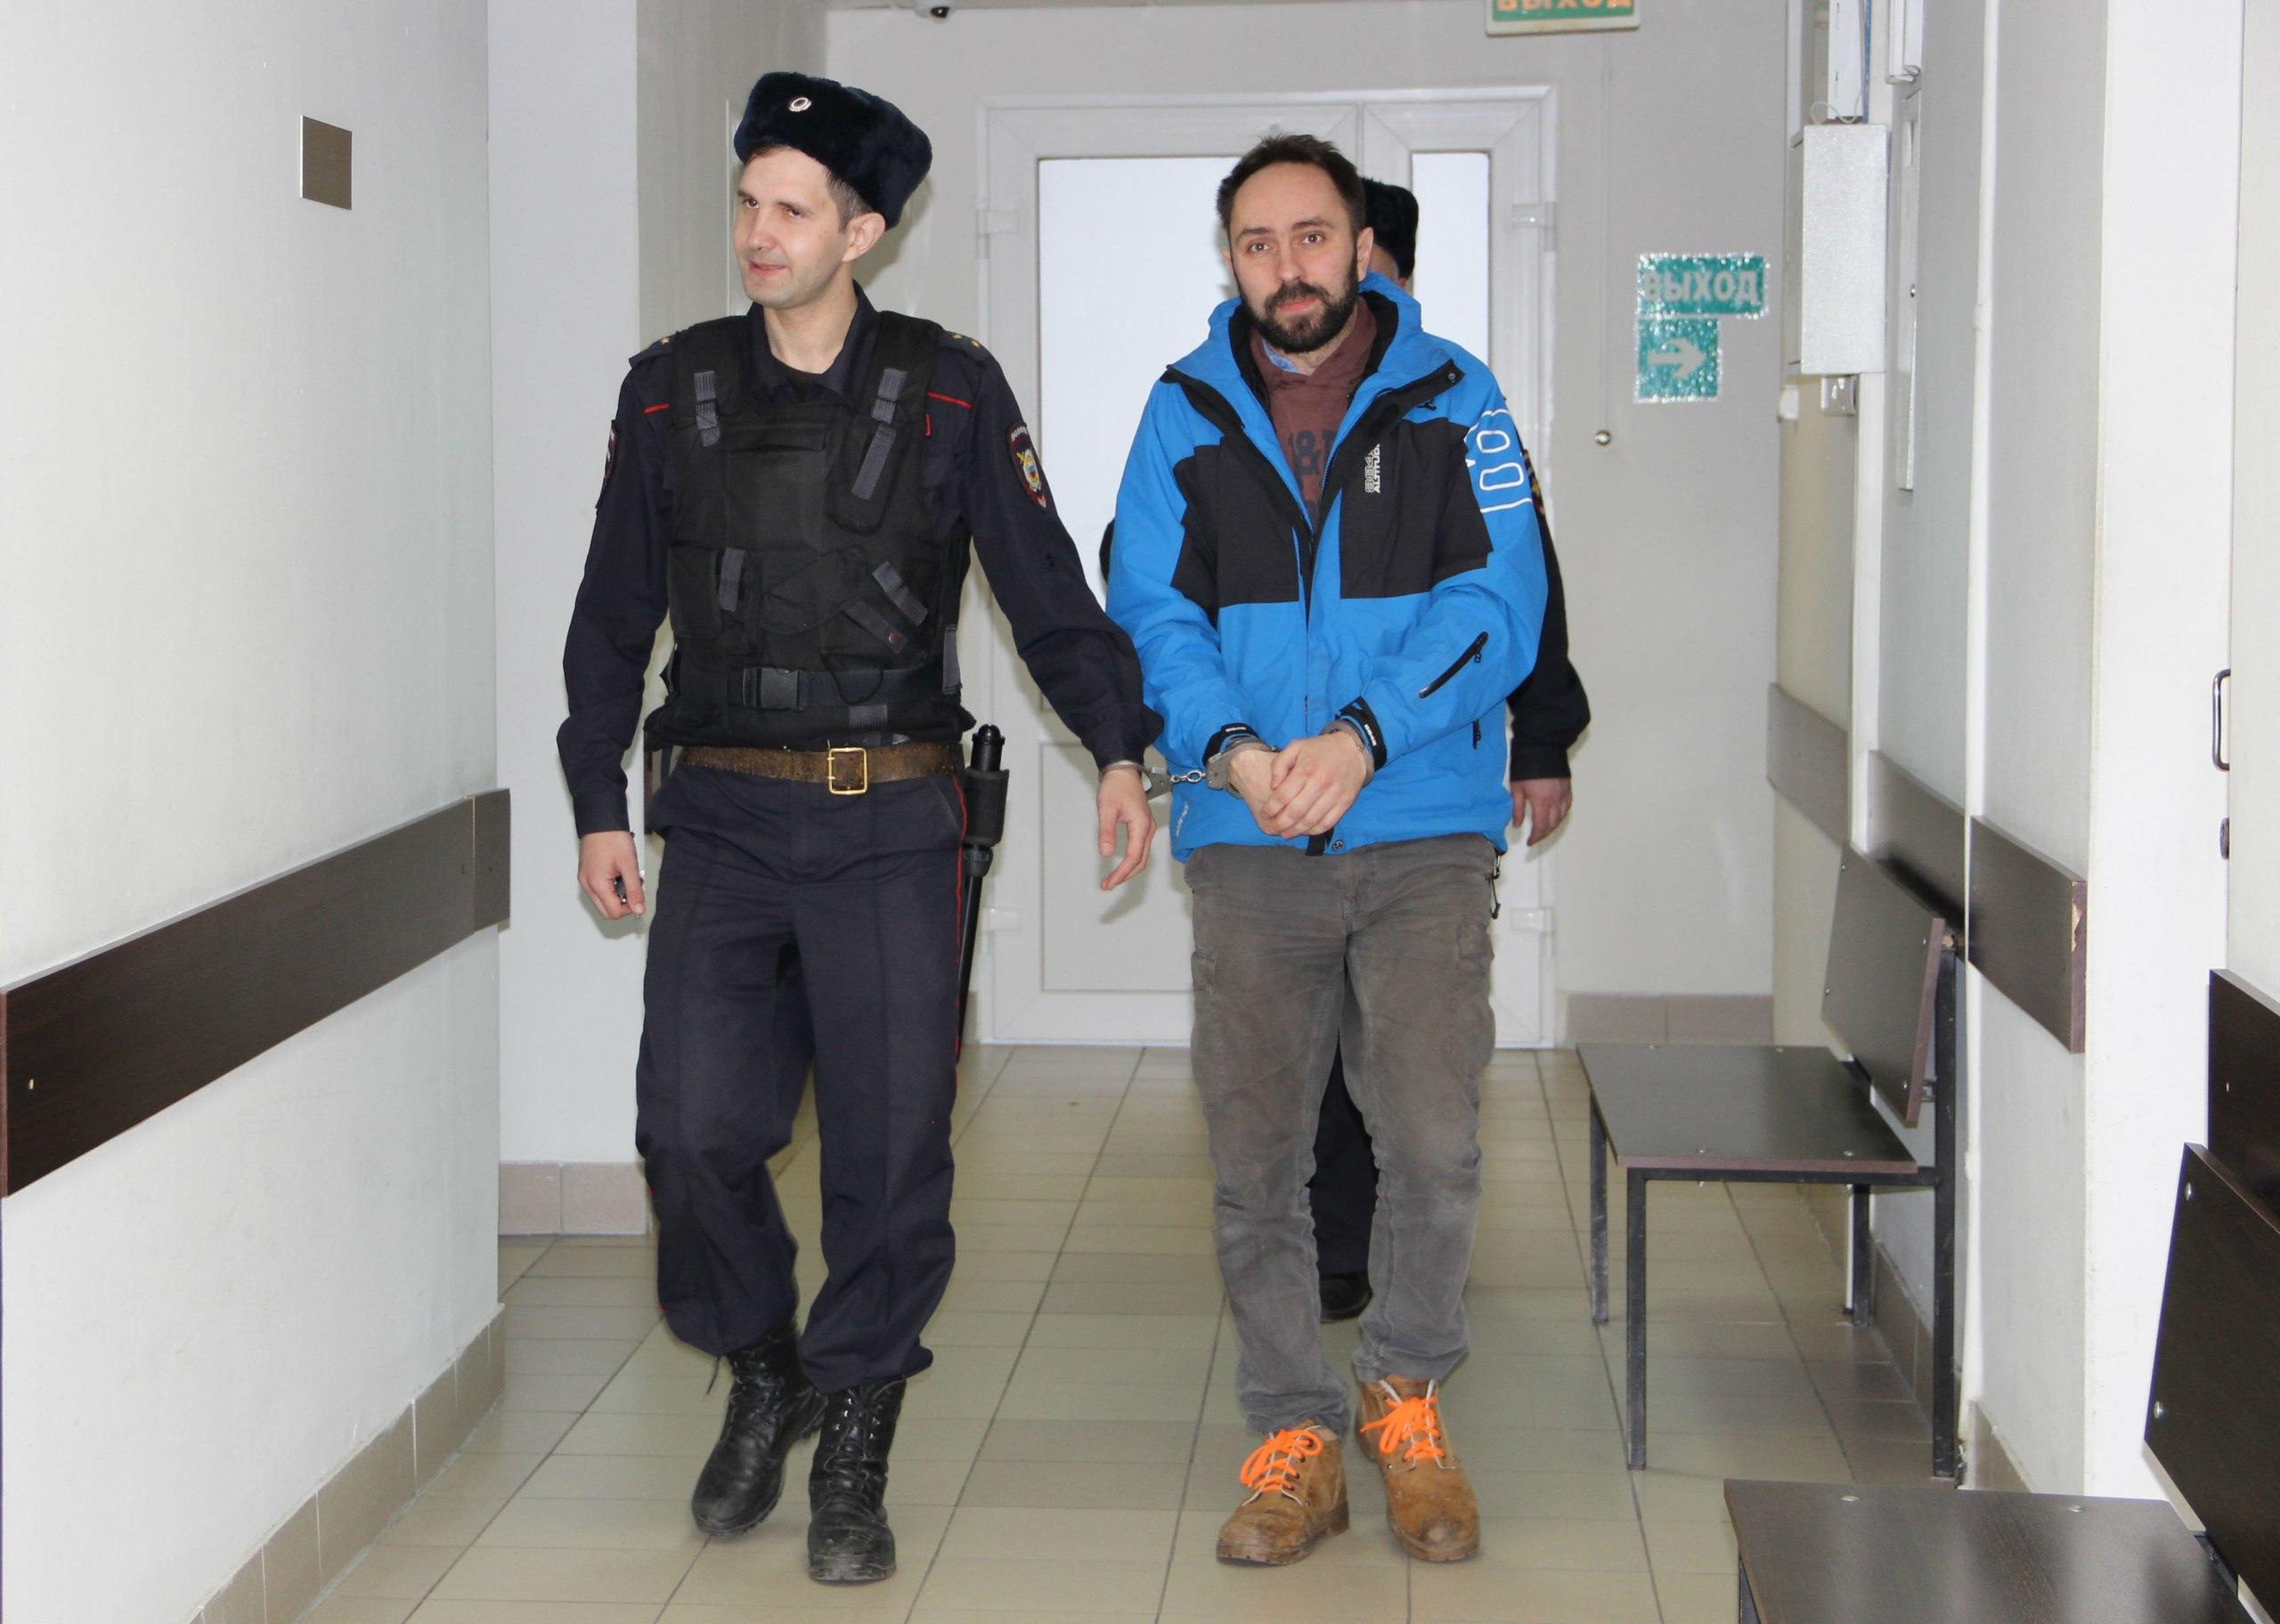 Алексея Гаврилова ведут на судебное заседание. Фото: Илона Радкевич